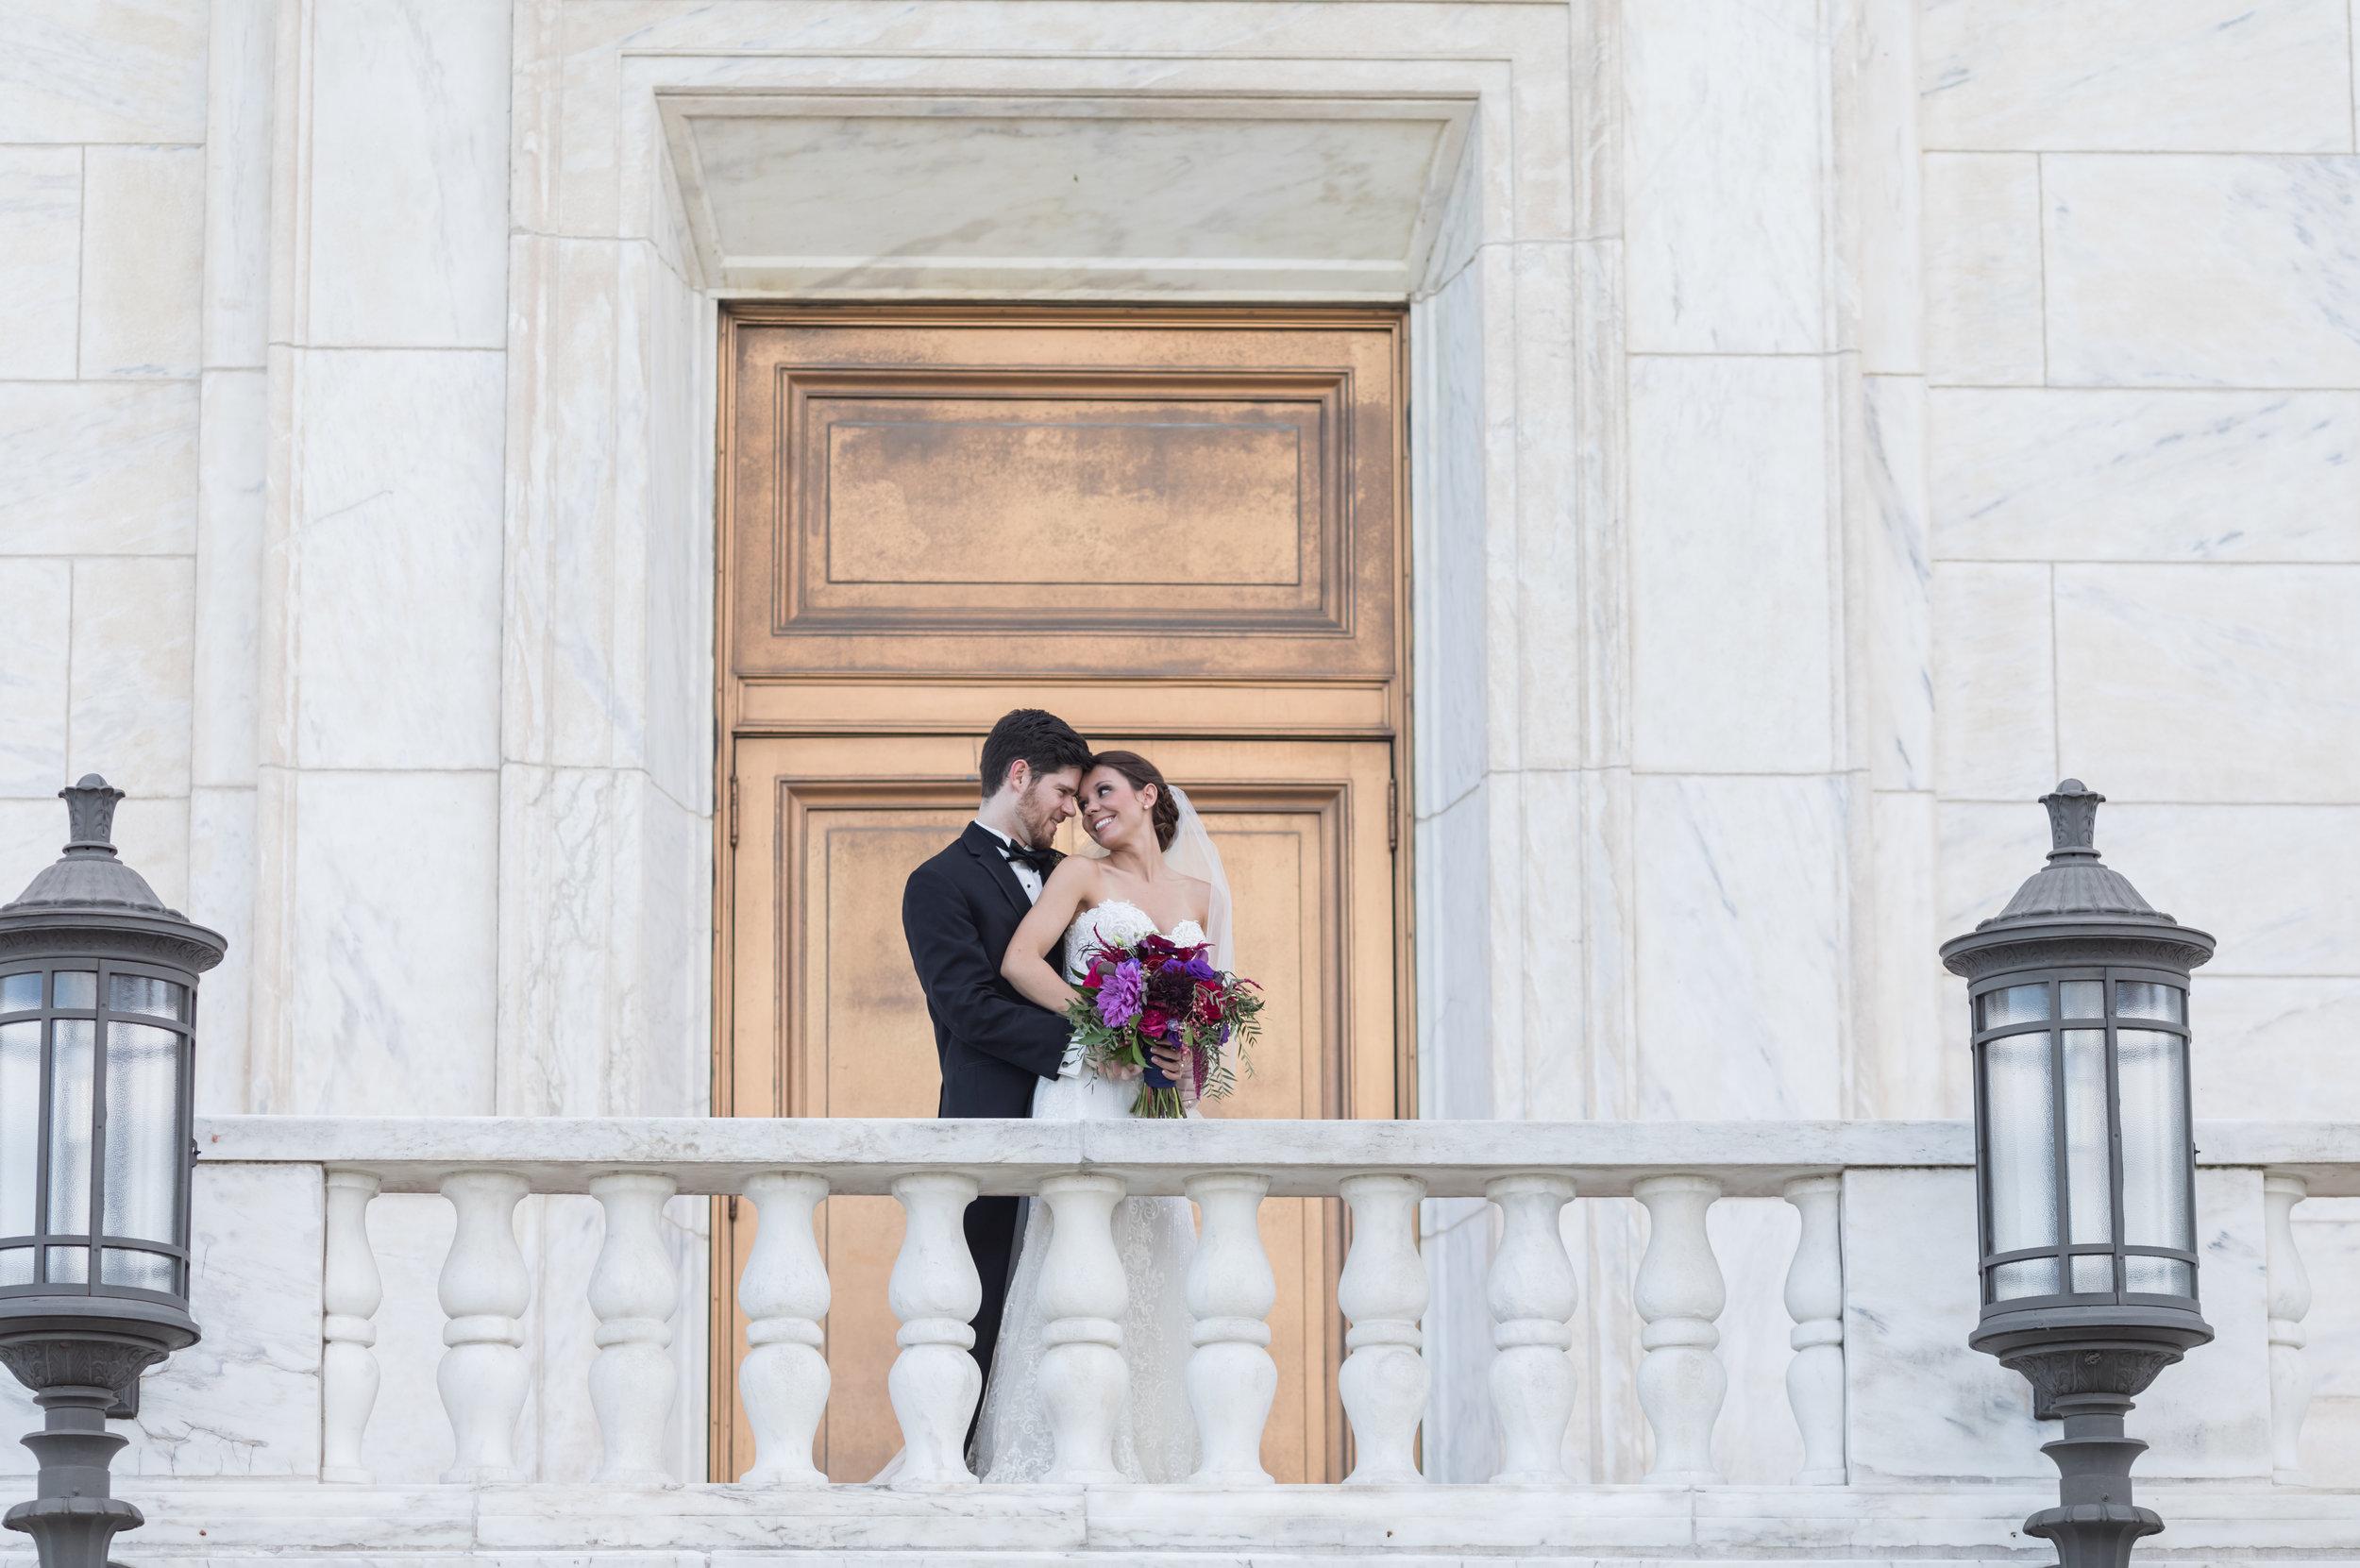 shareyah_John_detroit_wedding_preview_047.JPG